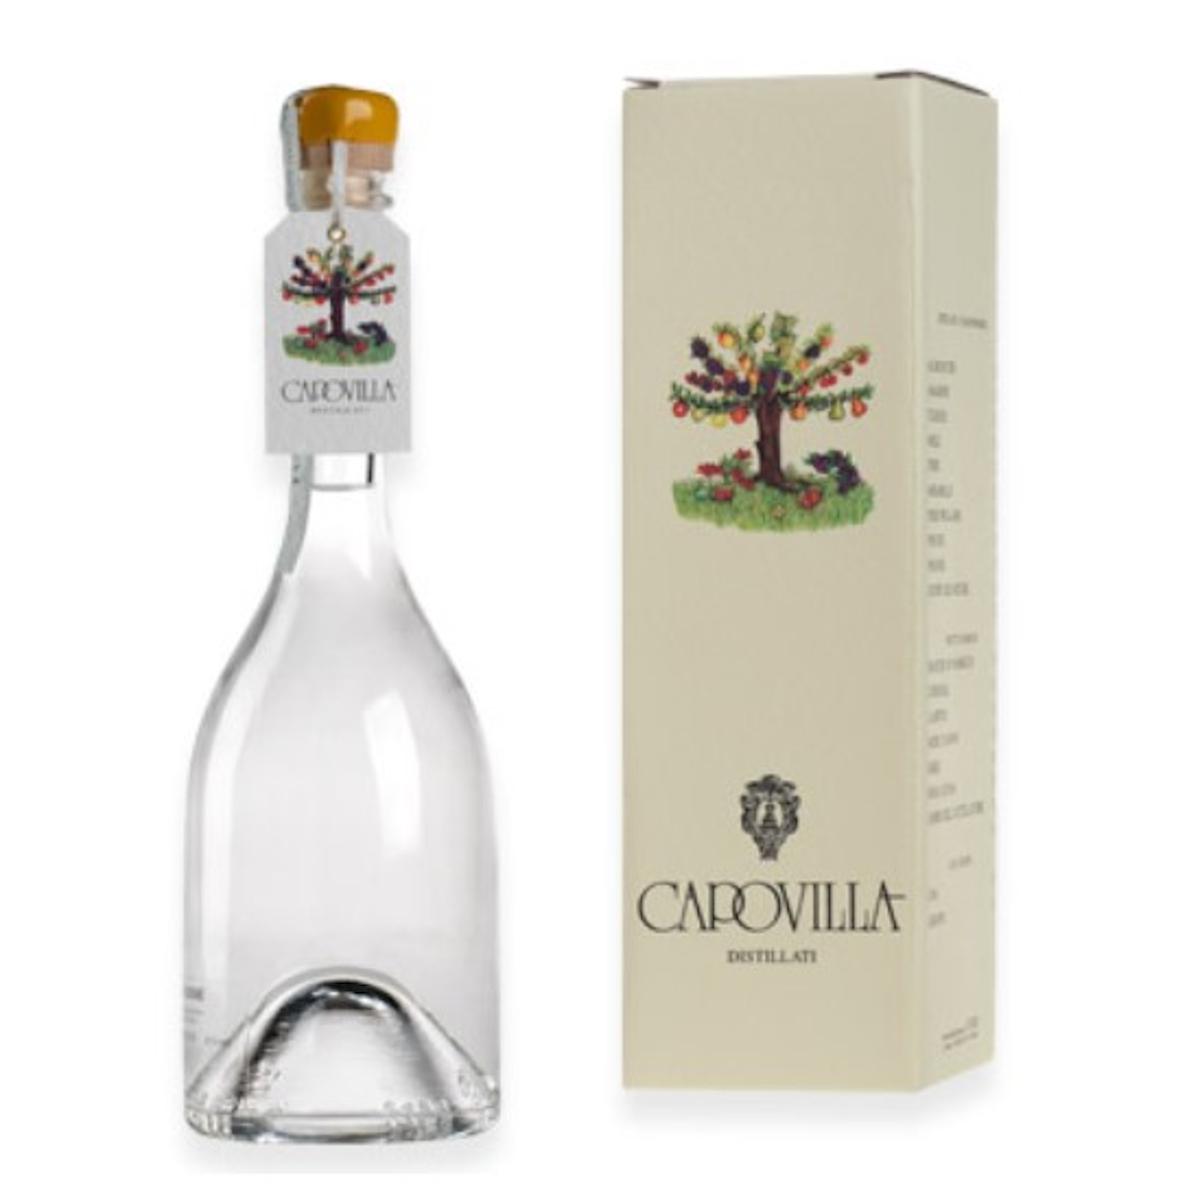 Distillato di Susine mirabelle - Mirabellenbrand - Capovilla Distillati